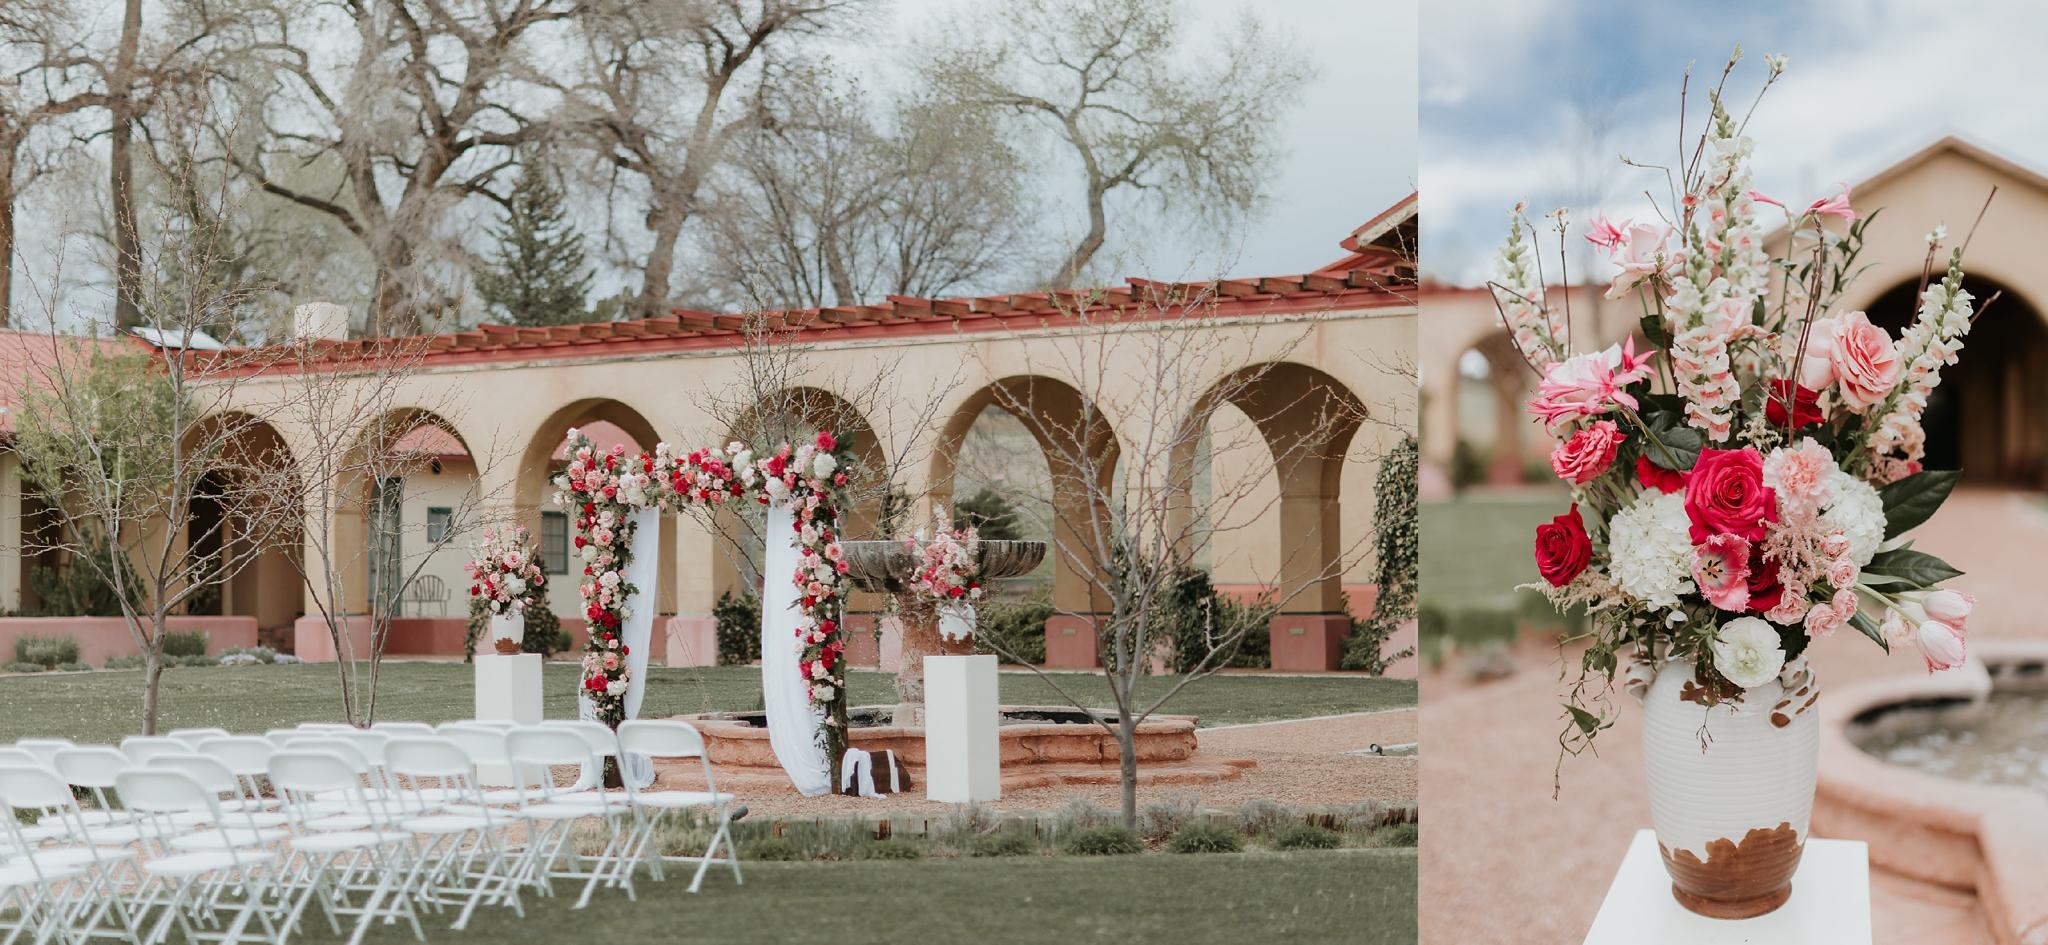 Alicia+lucia+photography+-+albuquerque+wedding+photographer+-+santa+fe+wedding+photography+-+new+mexico+wedding+photographer+-+wedding+ceremony+-+wedding+alter+-+floral+alter_0064.jpg